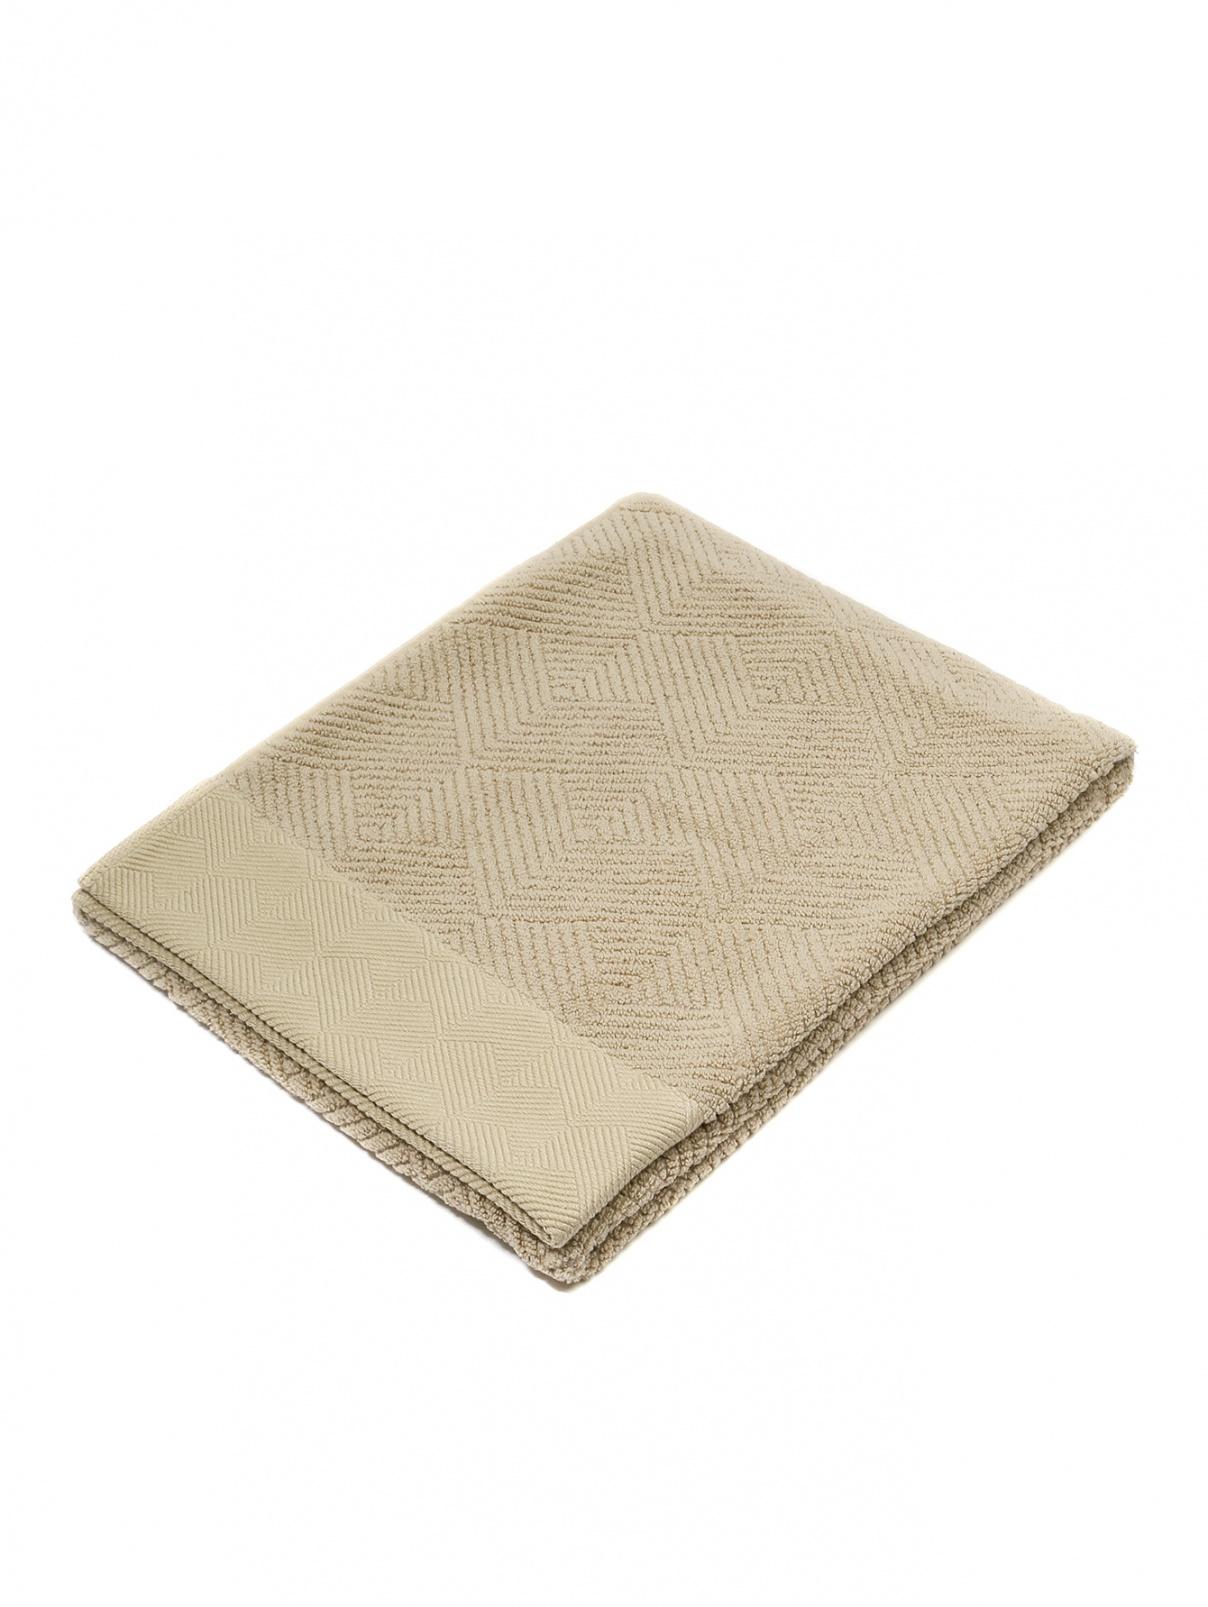 Полотенце из хлопковой махровой ткани с узором елочка 60 x 110 Frette  –  Общий вид